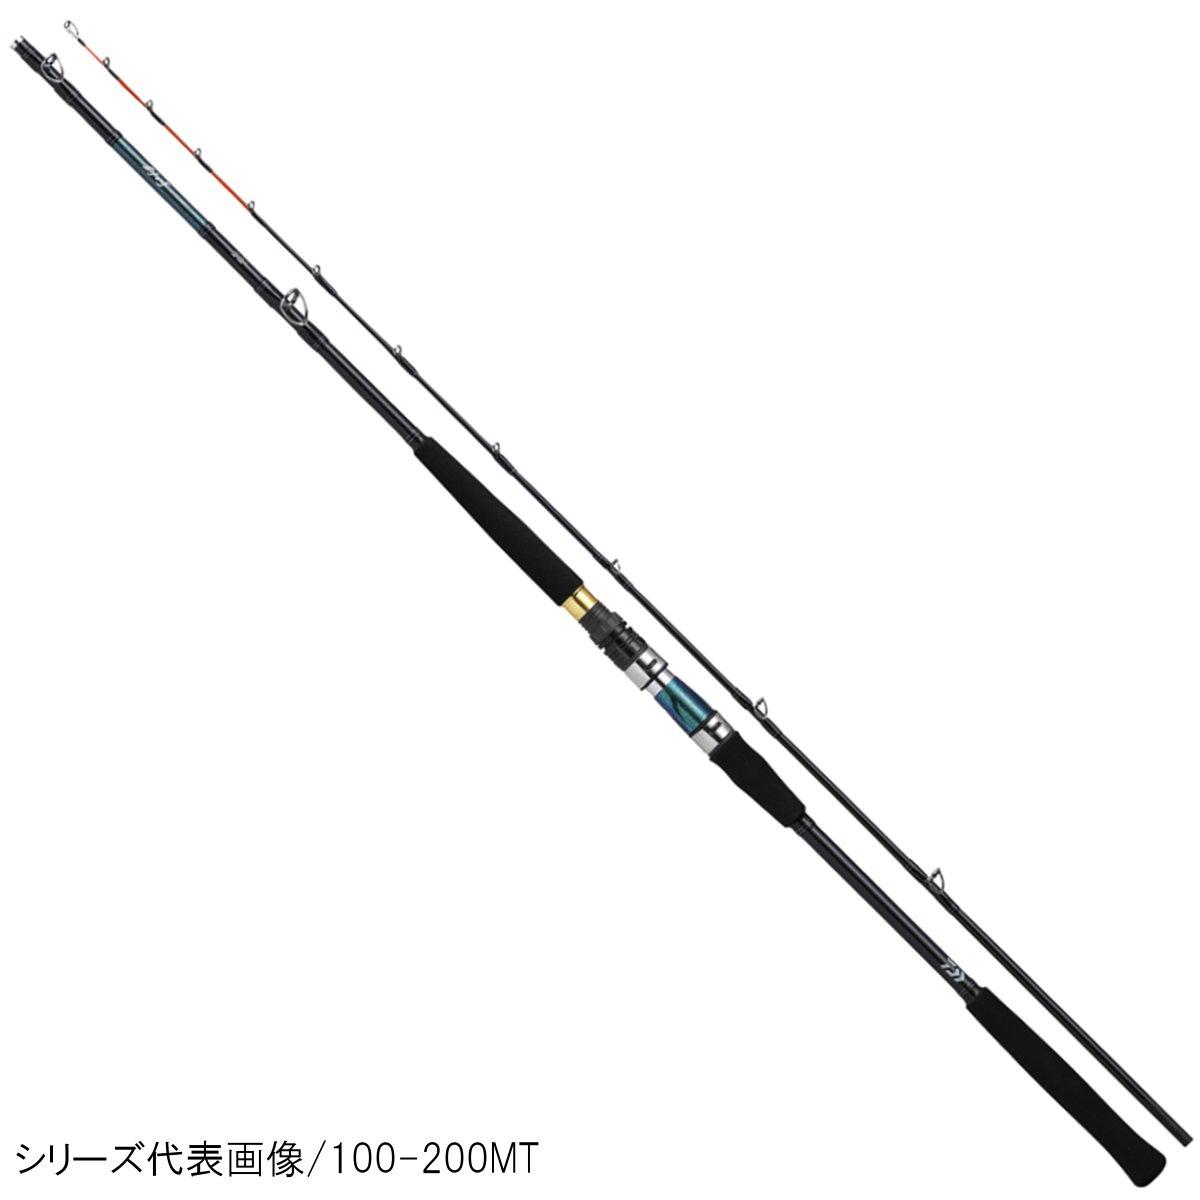 ダイワ 剣崎 MT 120-230MT